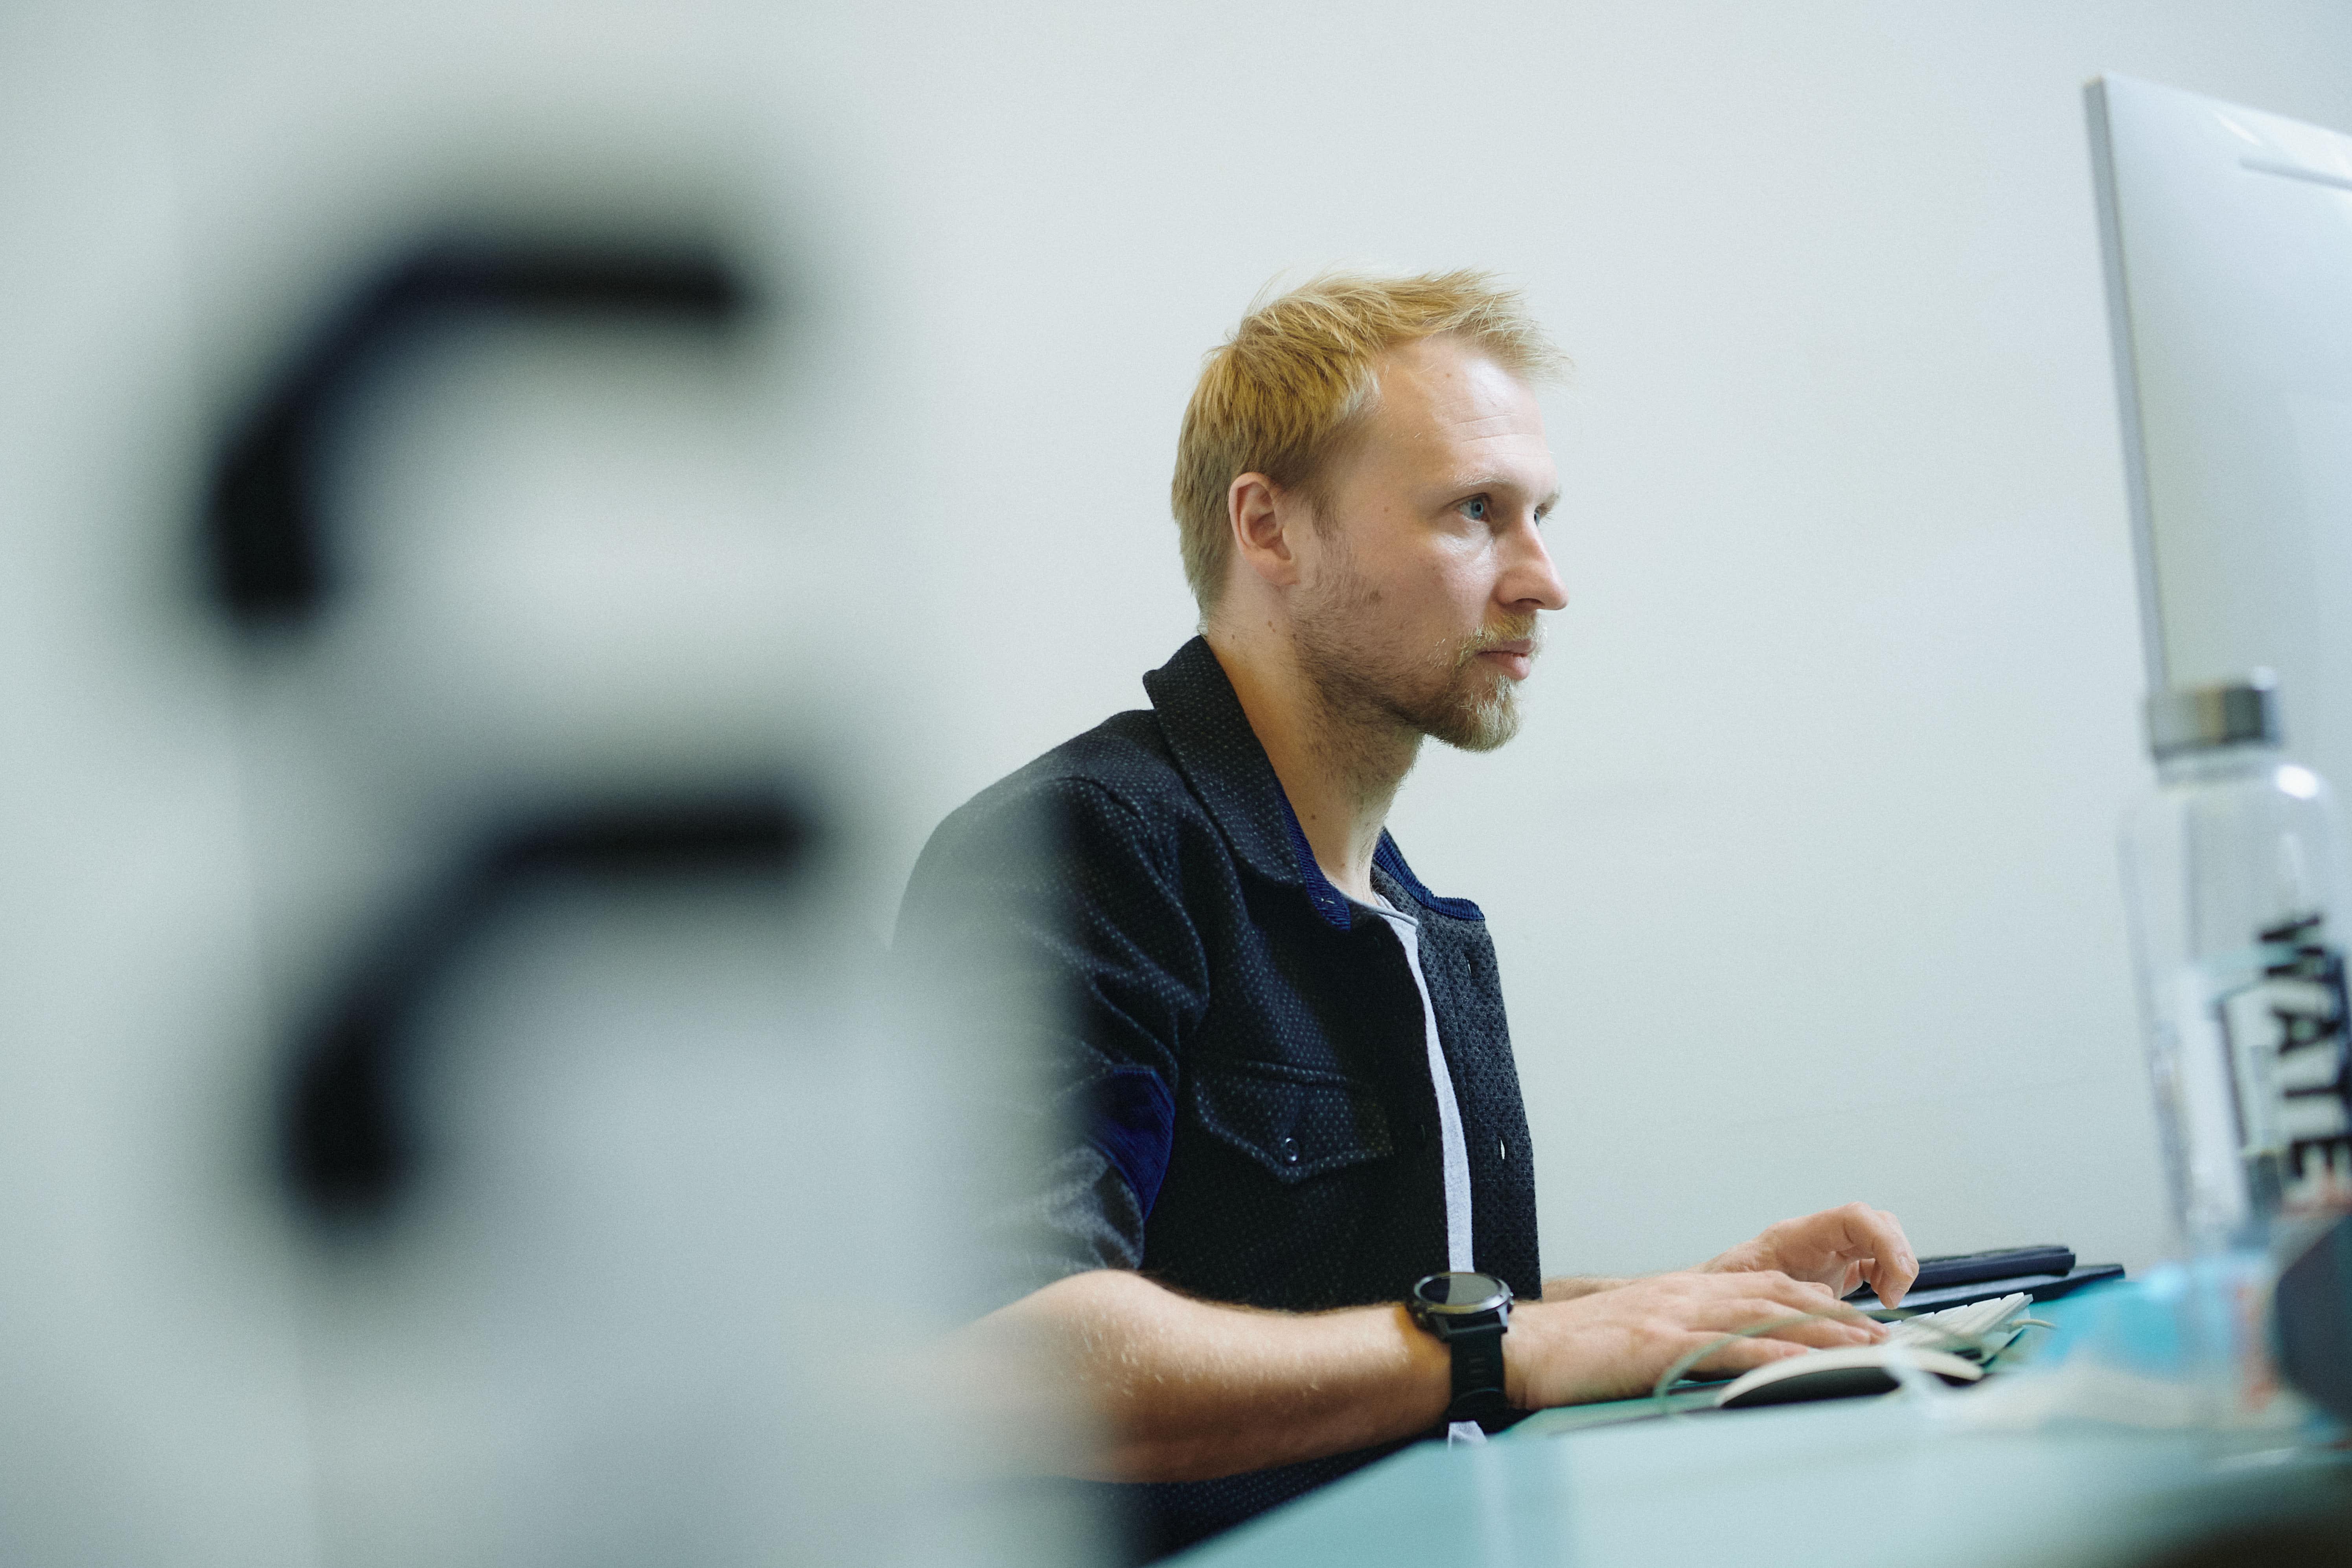 Steffen Angstmann, Data Scientist at Nøie. Photo by Sebastian Stigsby.